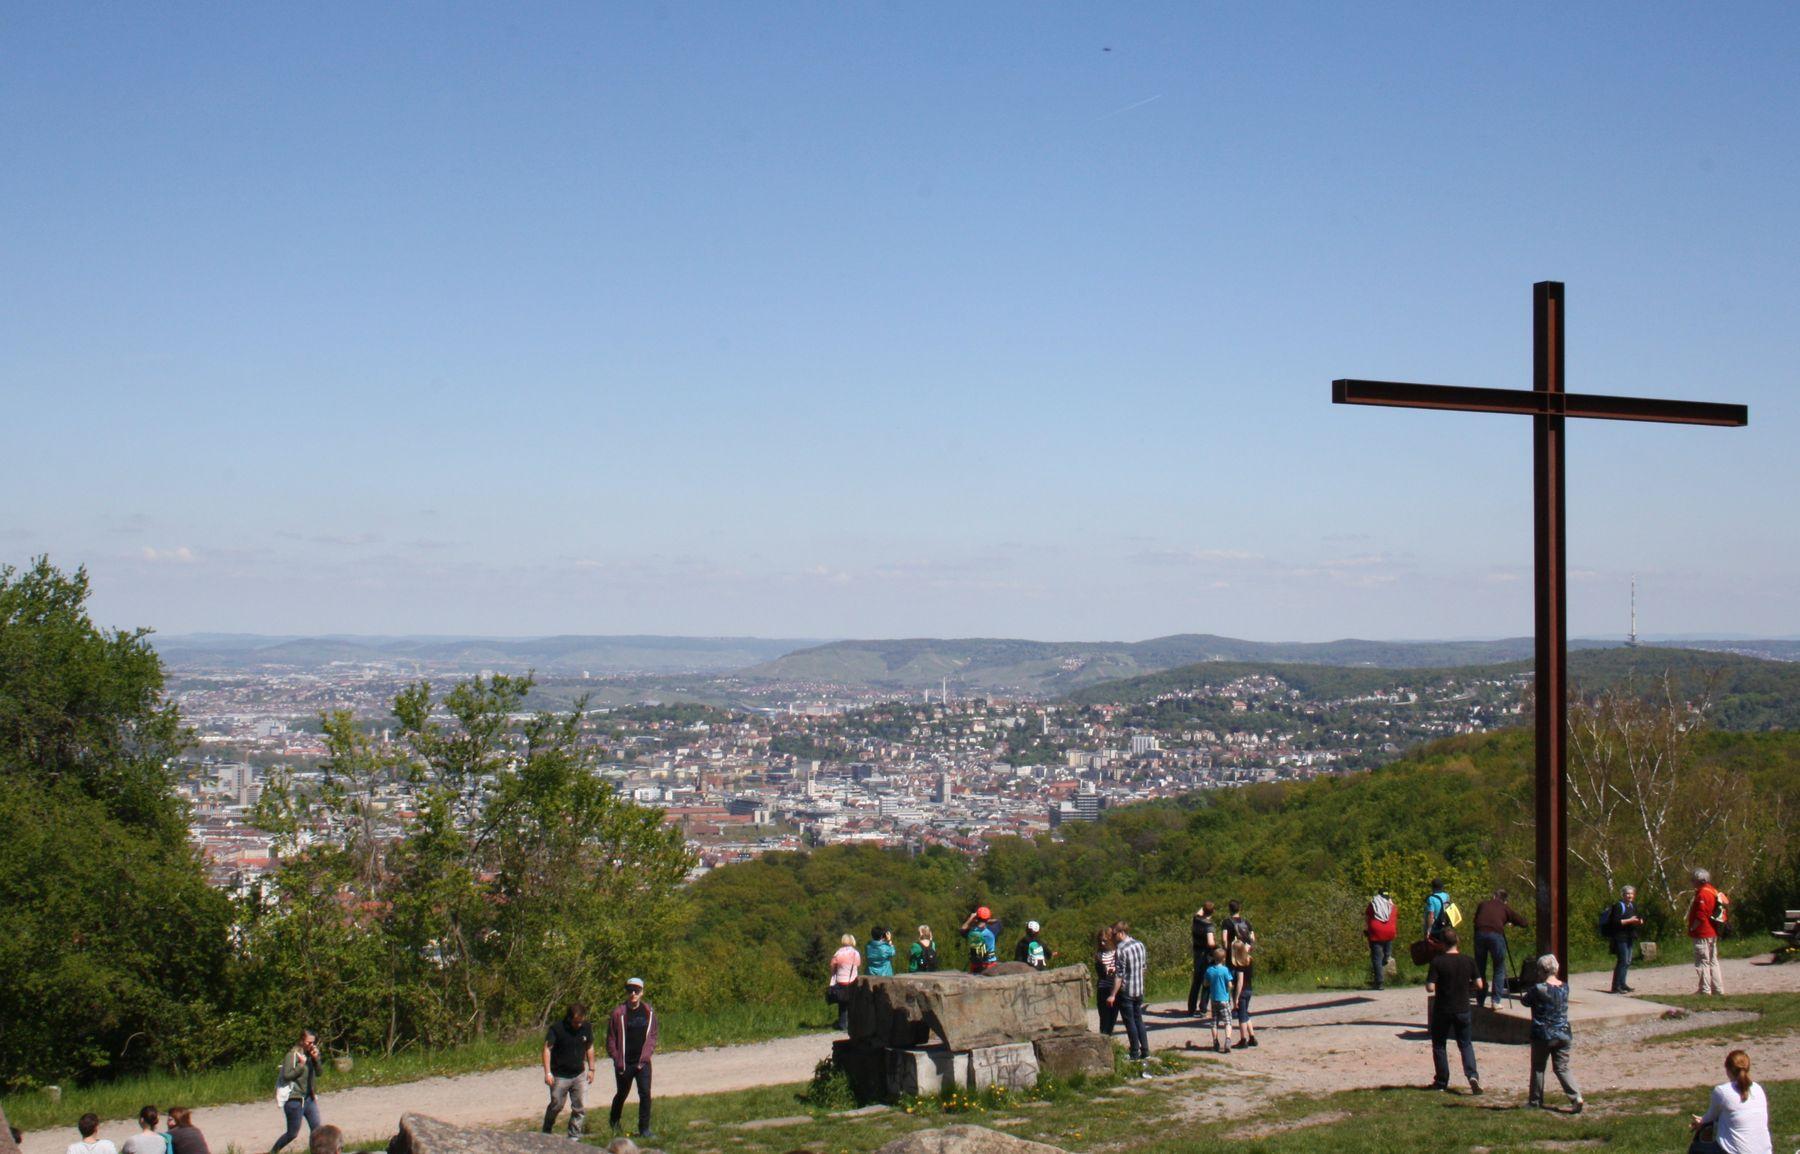 Blick von der höchsten Stelle des Birkenkopfes über das Plateau des Berges über Stuttgart